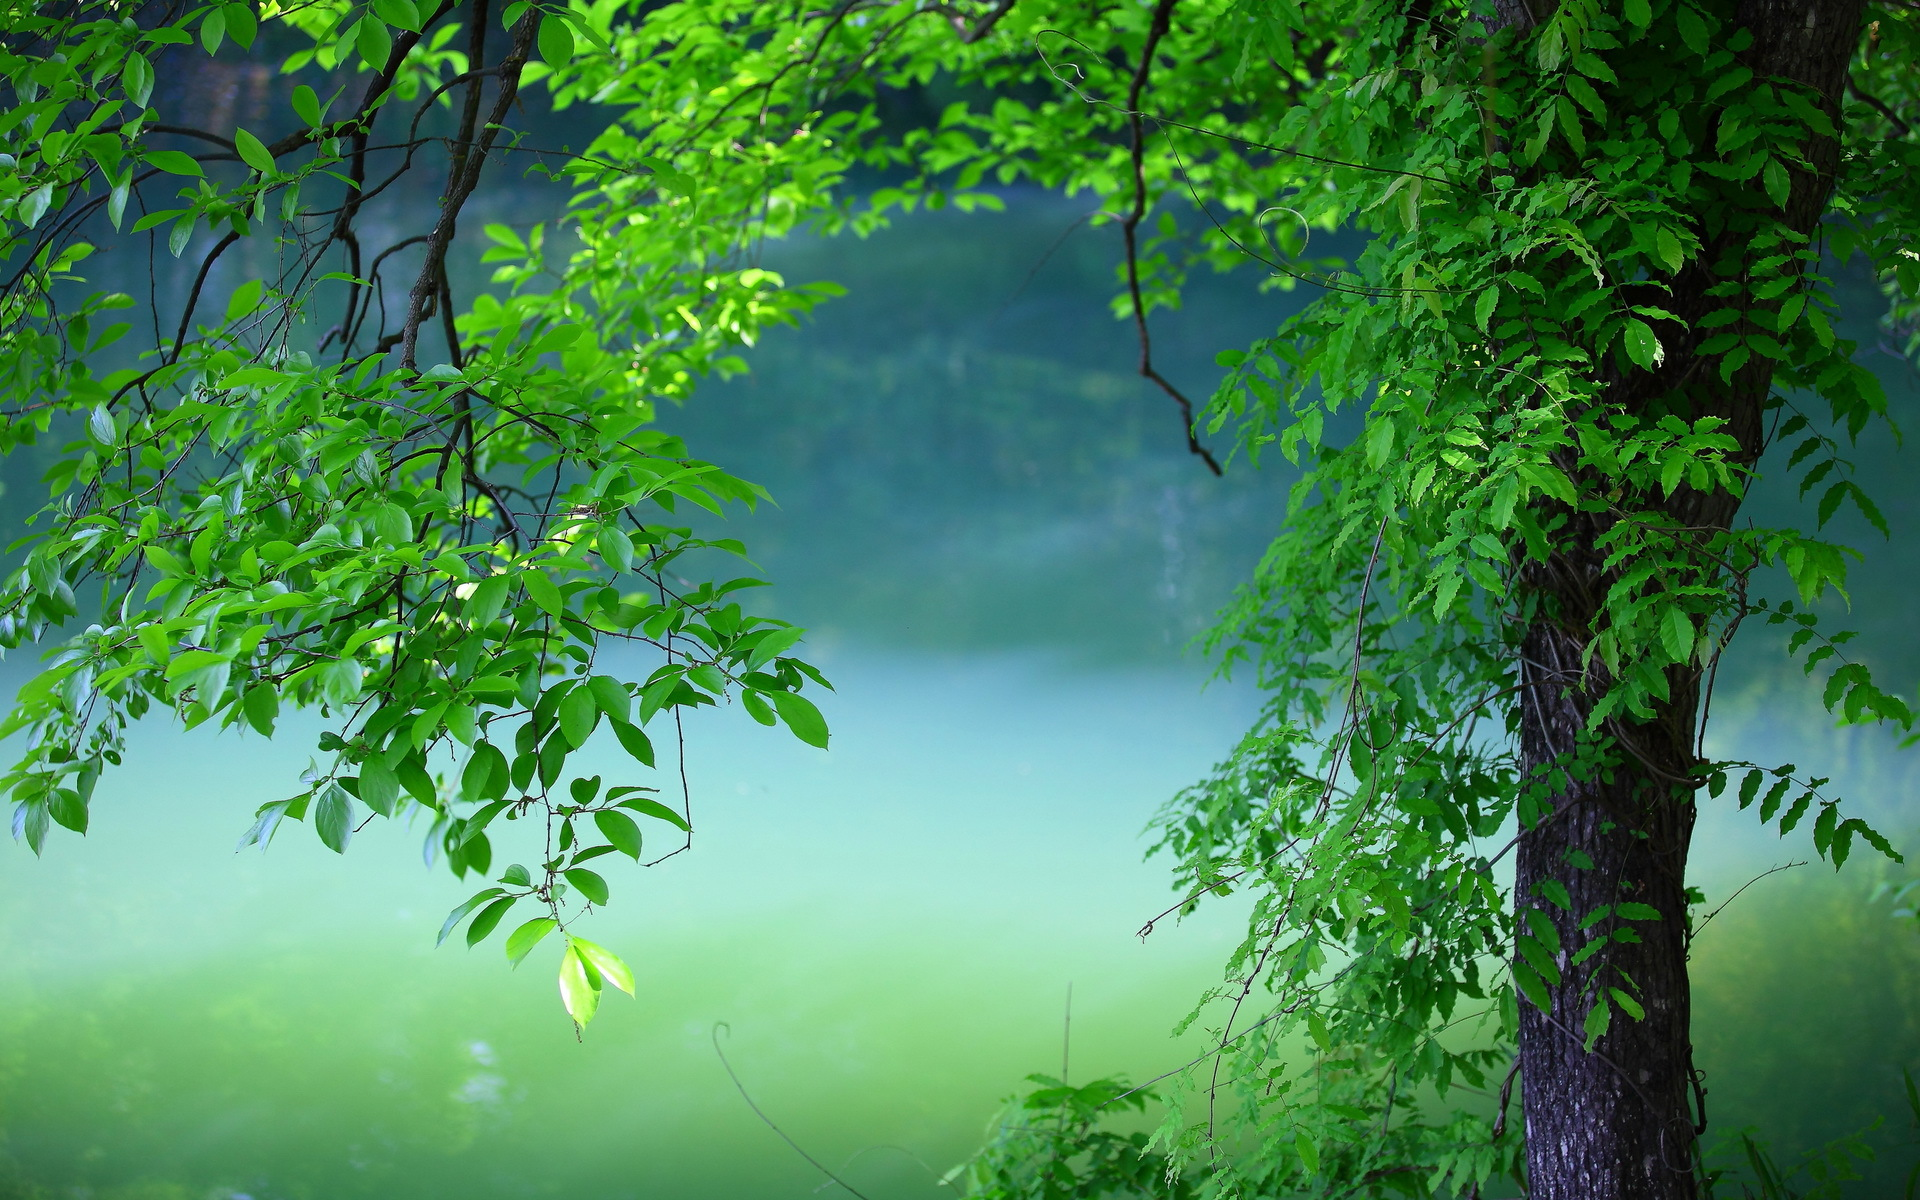 природа деревья ветки листья nature trees branches leaves  № 1275051 загрузить